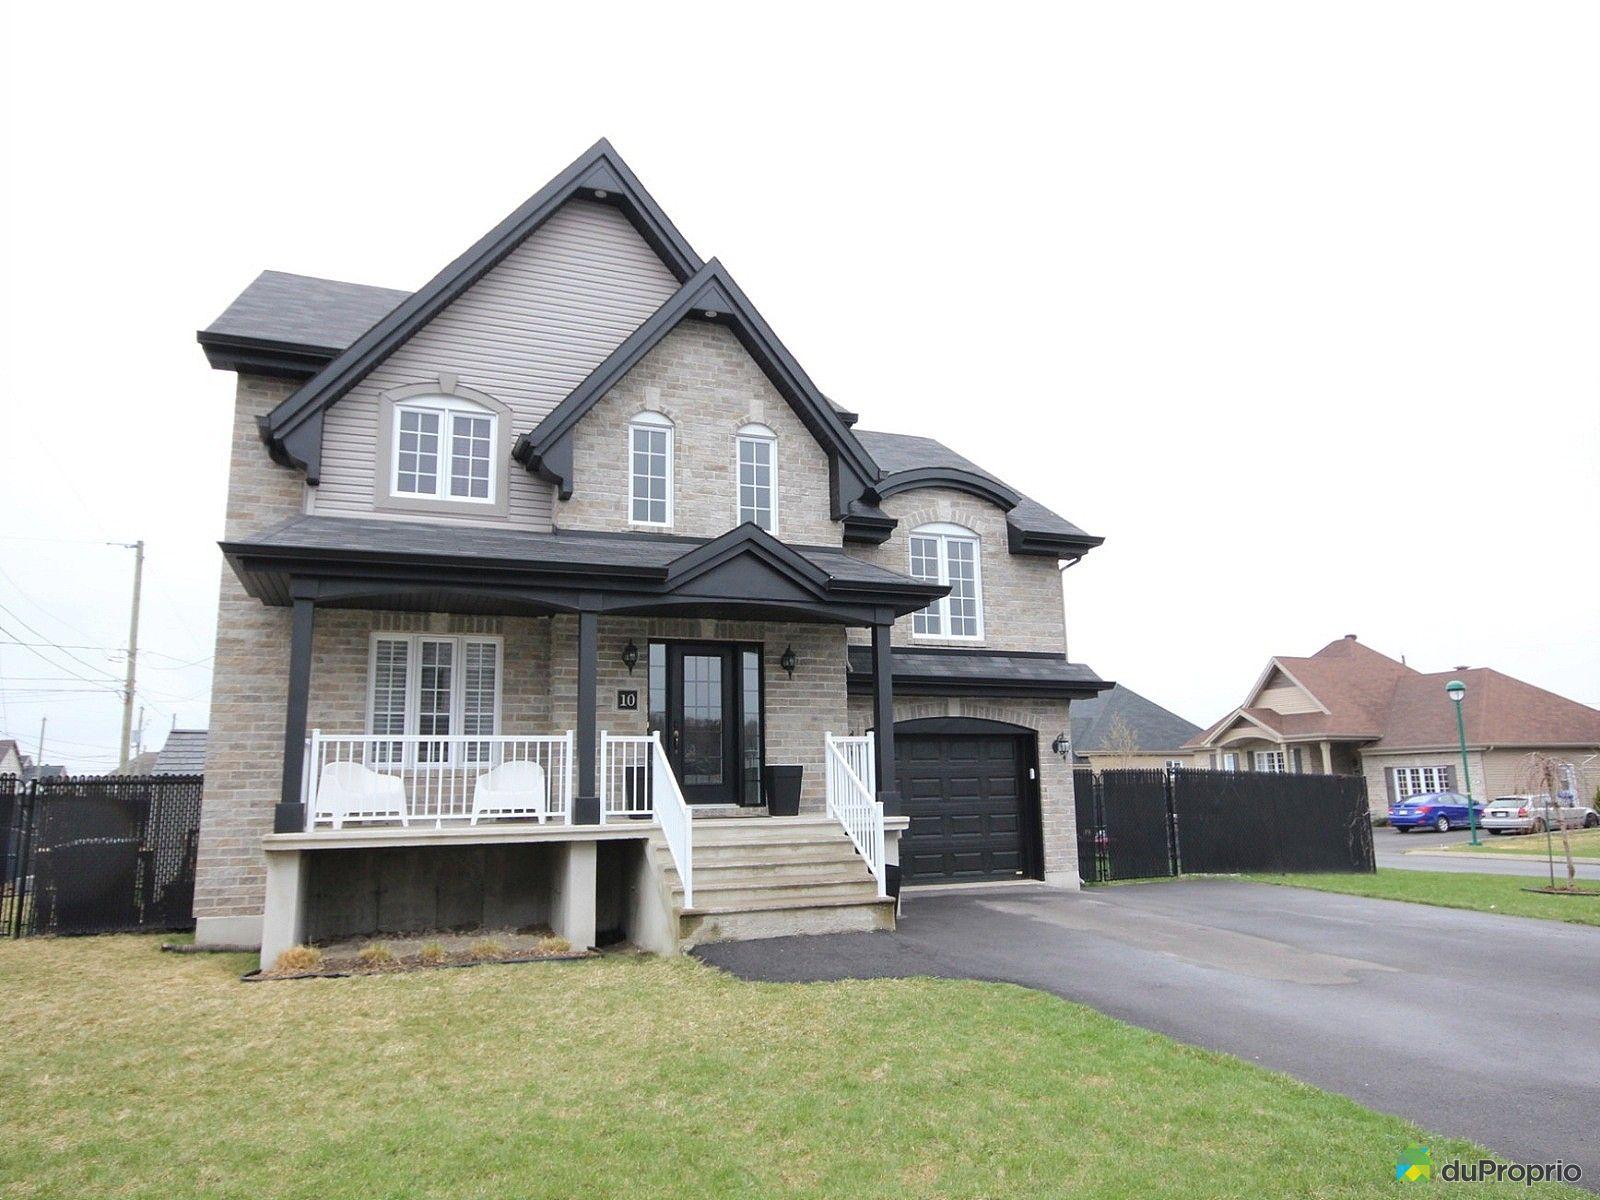 Maison vendre st joseph du lac 10 rue laurence immobilier qu bec duprop - Neuvaine st joseph pour vendre sa maison ...